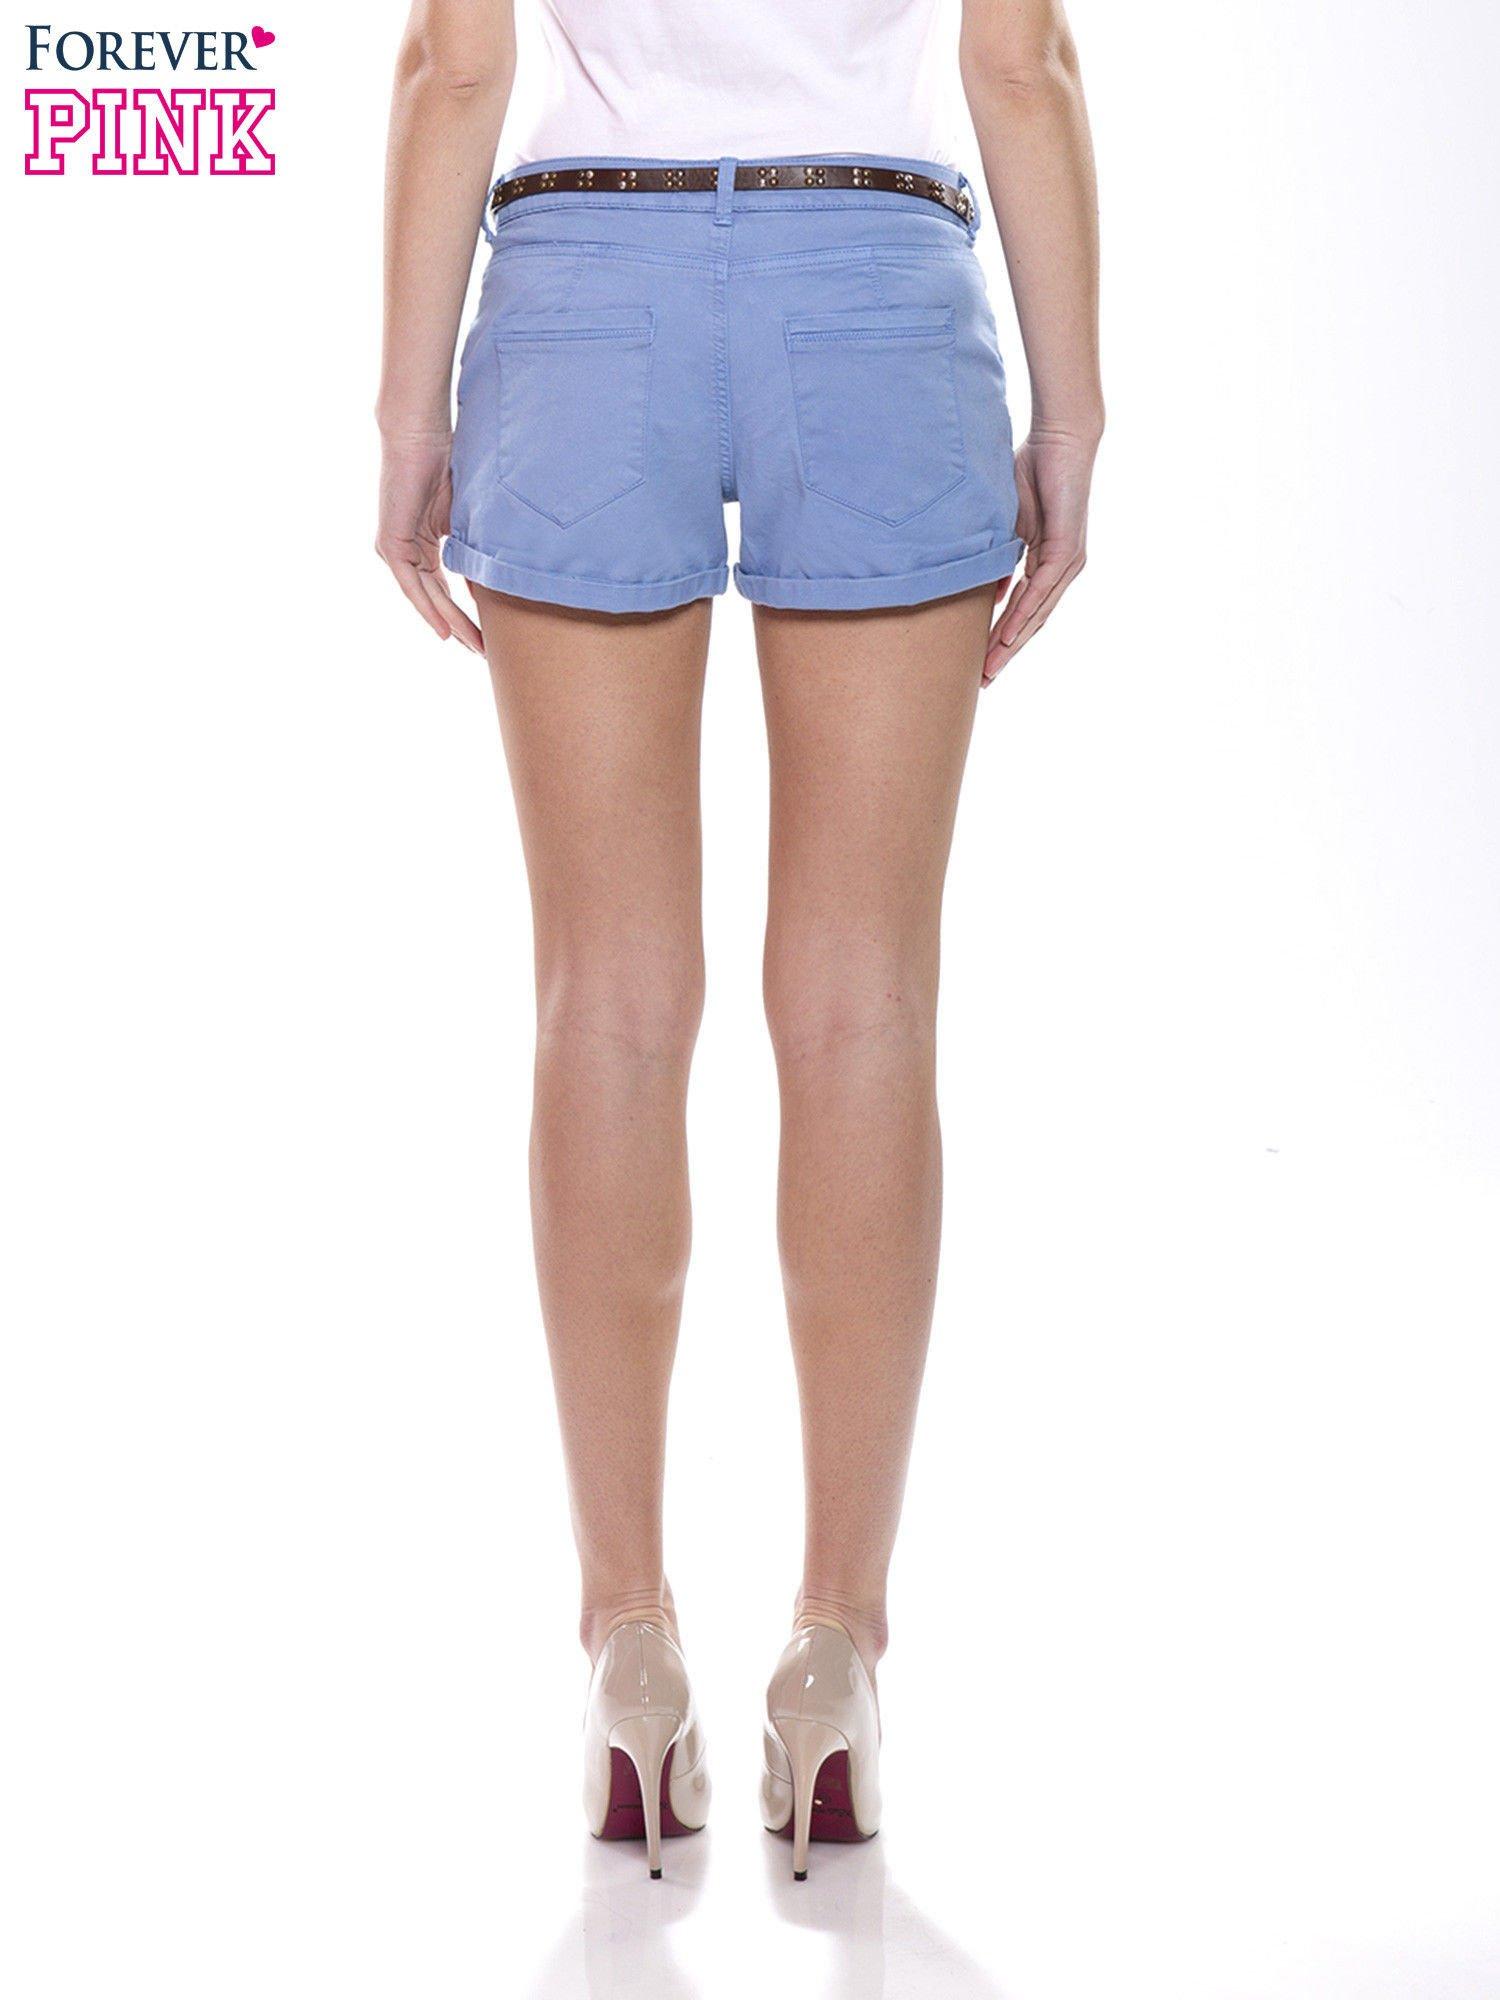 e2d6a05f3a Niebieskie krótkie spodenki damskie z paskiem - Spodnie szorty ...